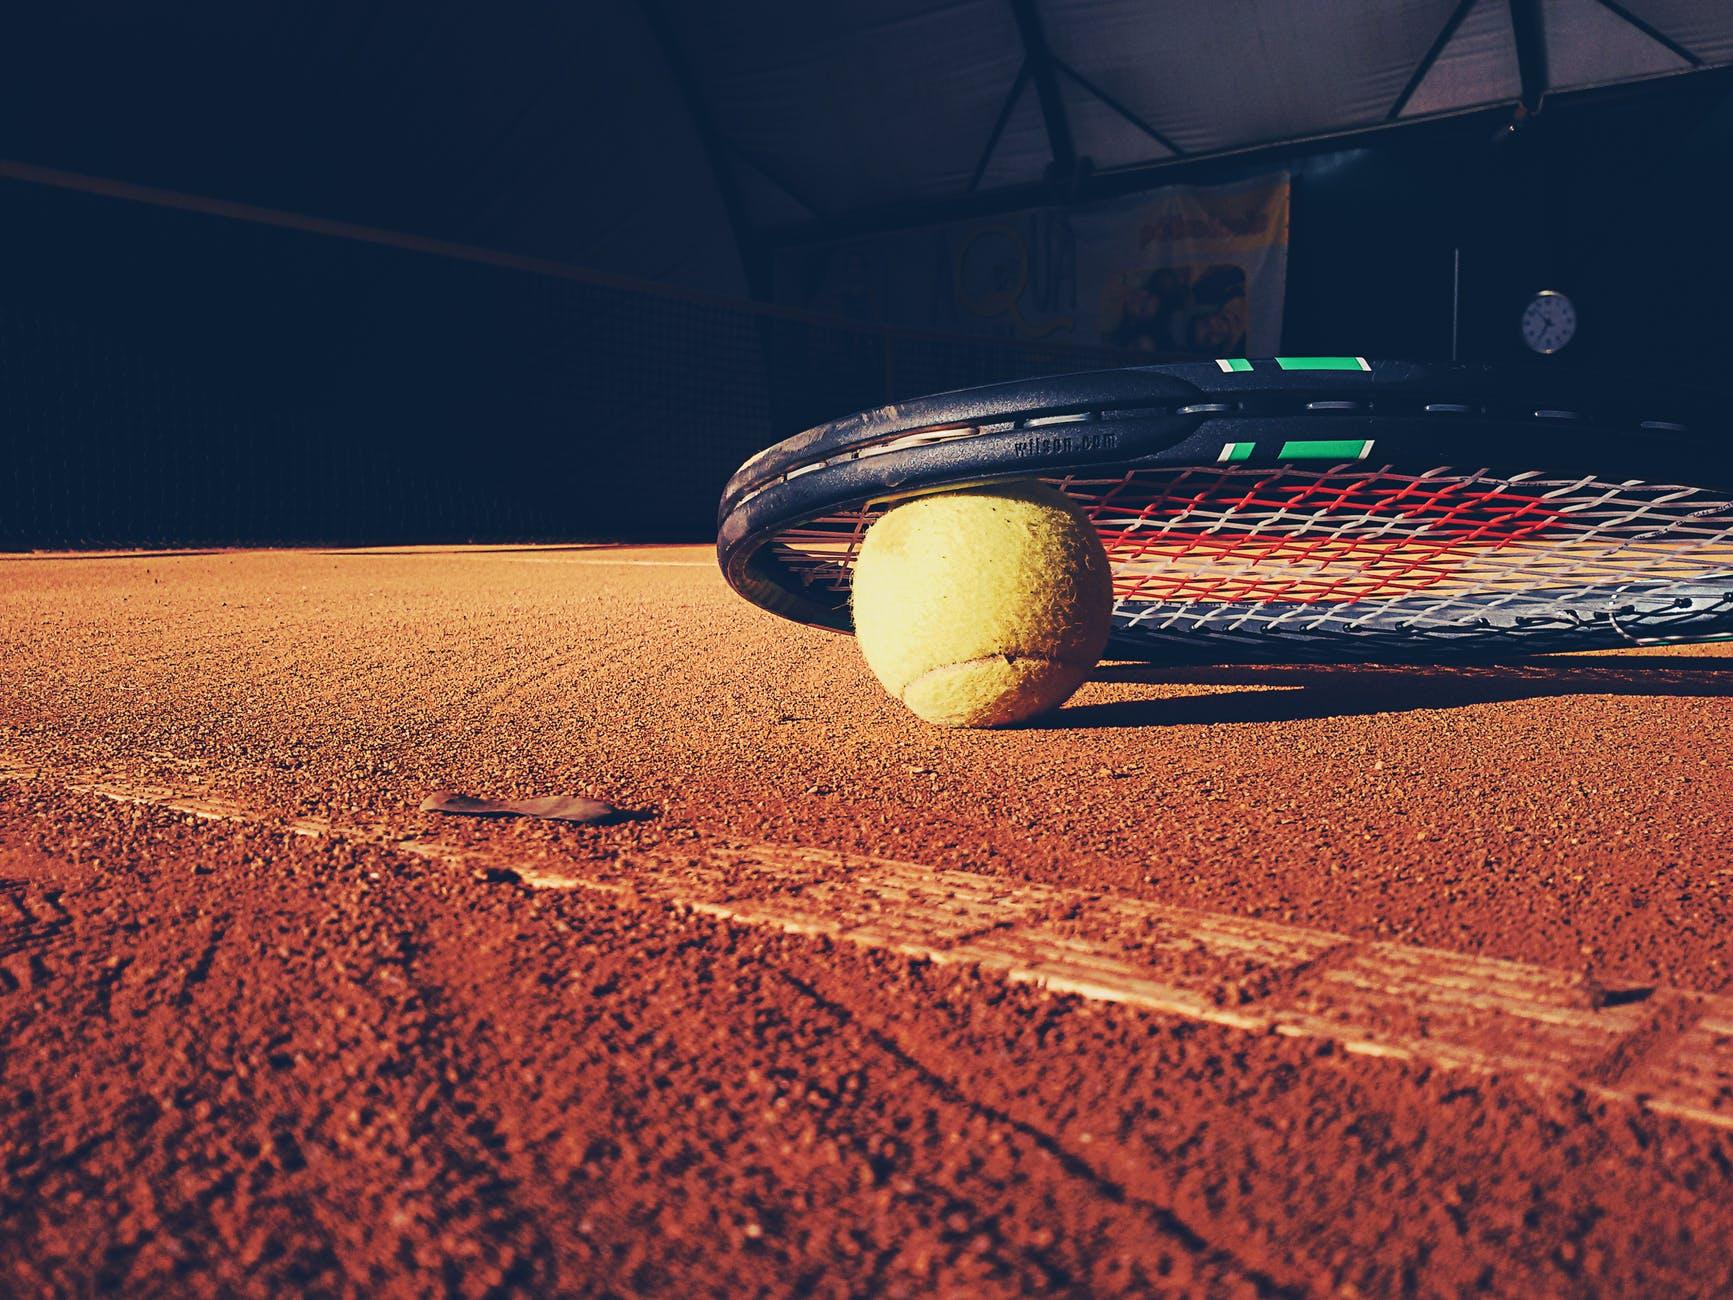 ball tennis court racket